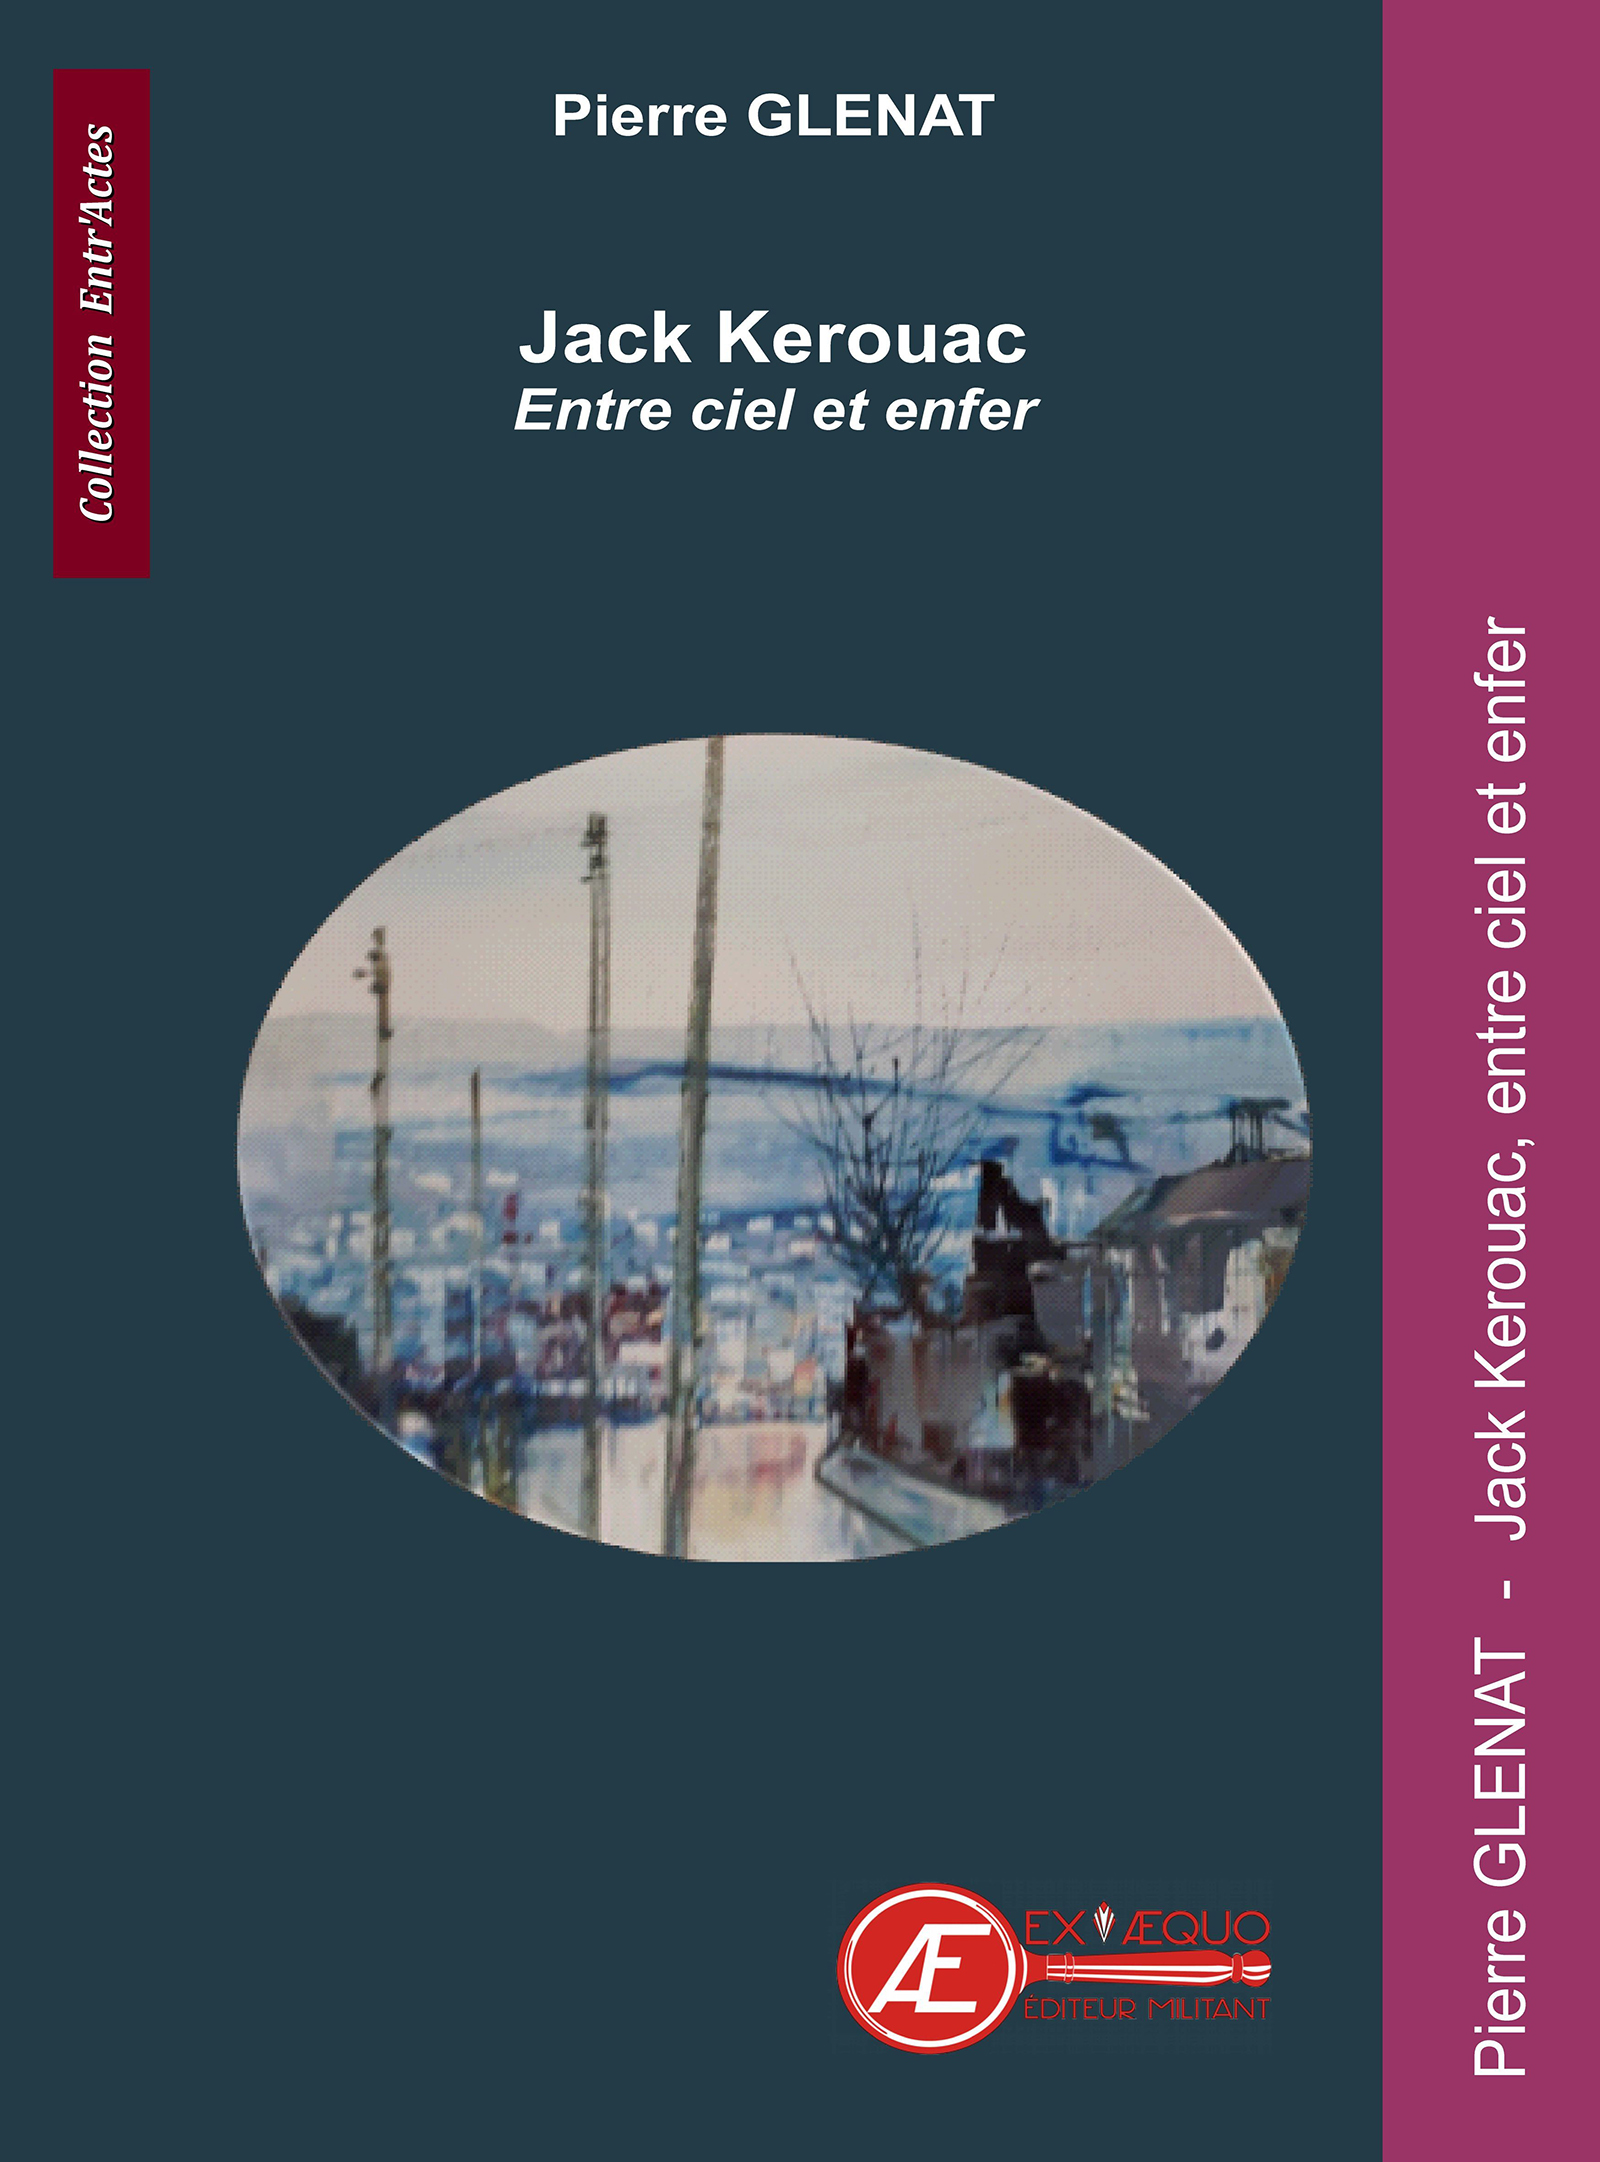 Jack Kerouac. Entre ciel et enfer